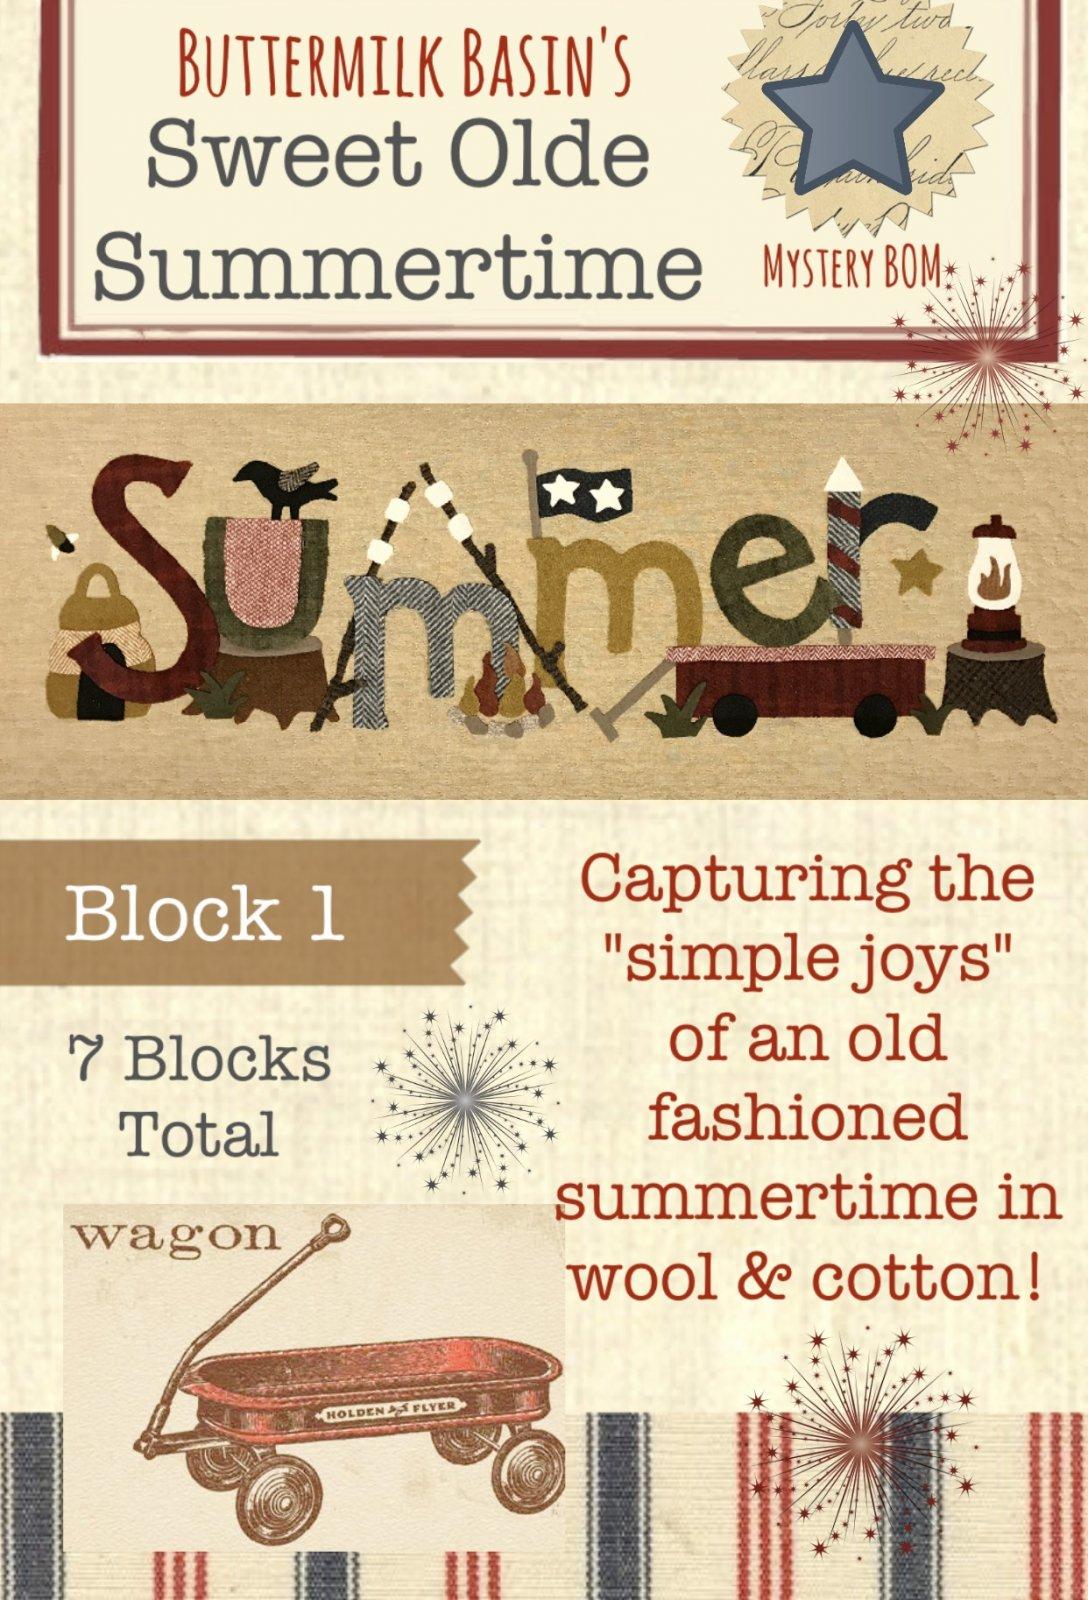 Sweet Olde Summertime Mystery BOM Block 1 KIT & Full Color Pattern